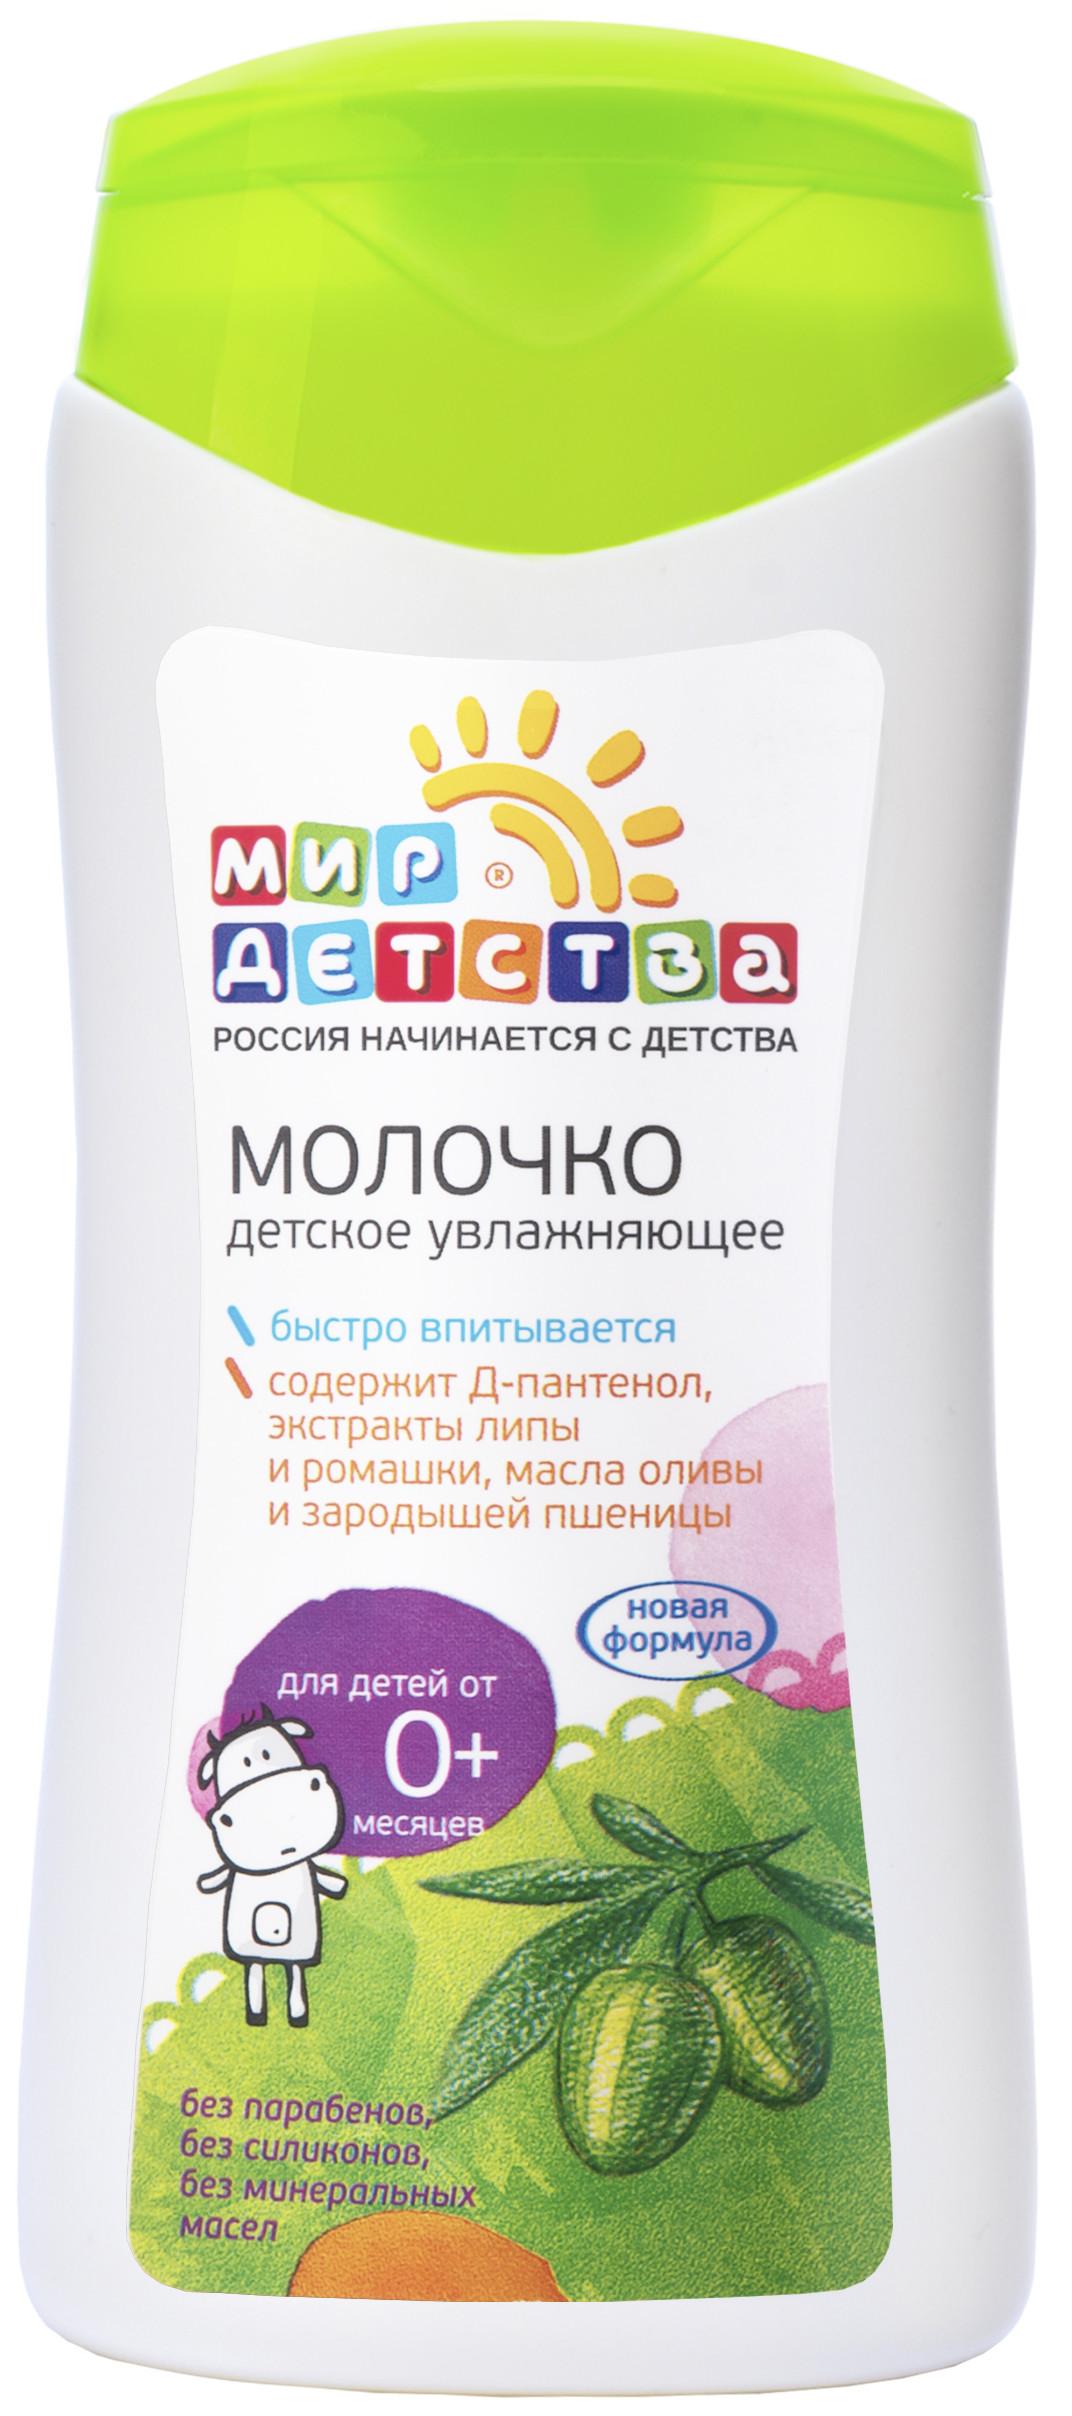 Молочко Мир детства увлажняющее, 200 мл de veleure молочко увлажняющее и успокаивающее 200 мл